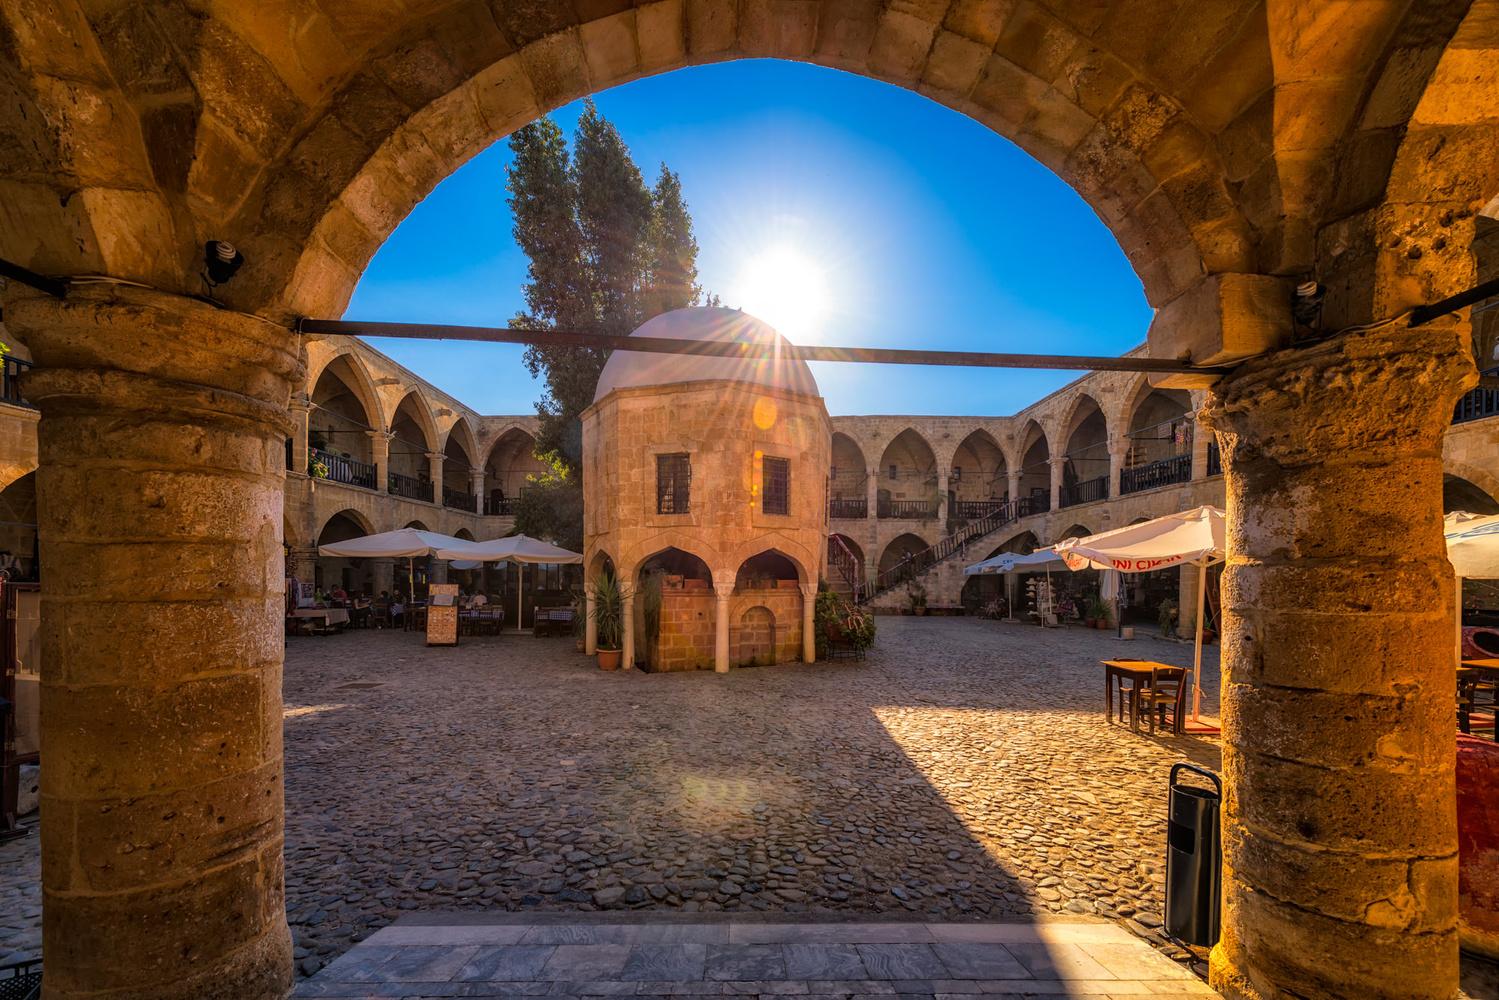 Büyük Han - The Largest Caravanserai | Nicosia, Cyprus by Nico Trinkhaus